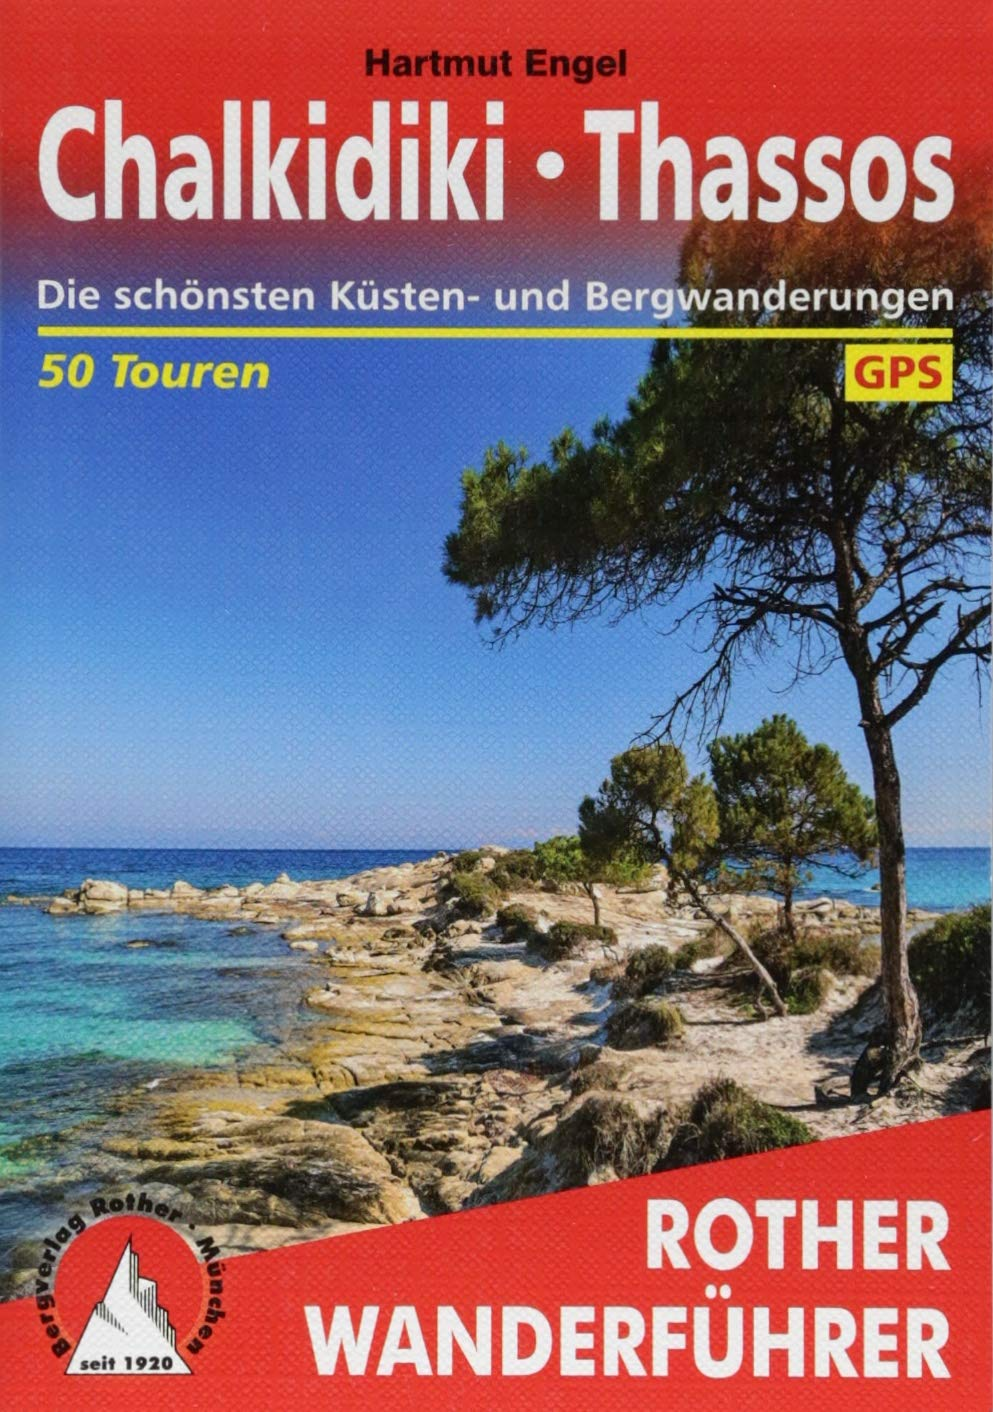 Chalkidiki - Thassos: Die schönsten Küsten- und Bergwanderungen. 50 Touren. Mit GPS-Tracks (Rother Wanderführer) Taschenbuch – 3. August 2018 Hartmut Engel Bergverlag Rother 3763345337 Reiseführer Sport / Europa